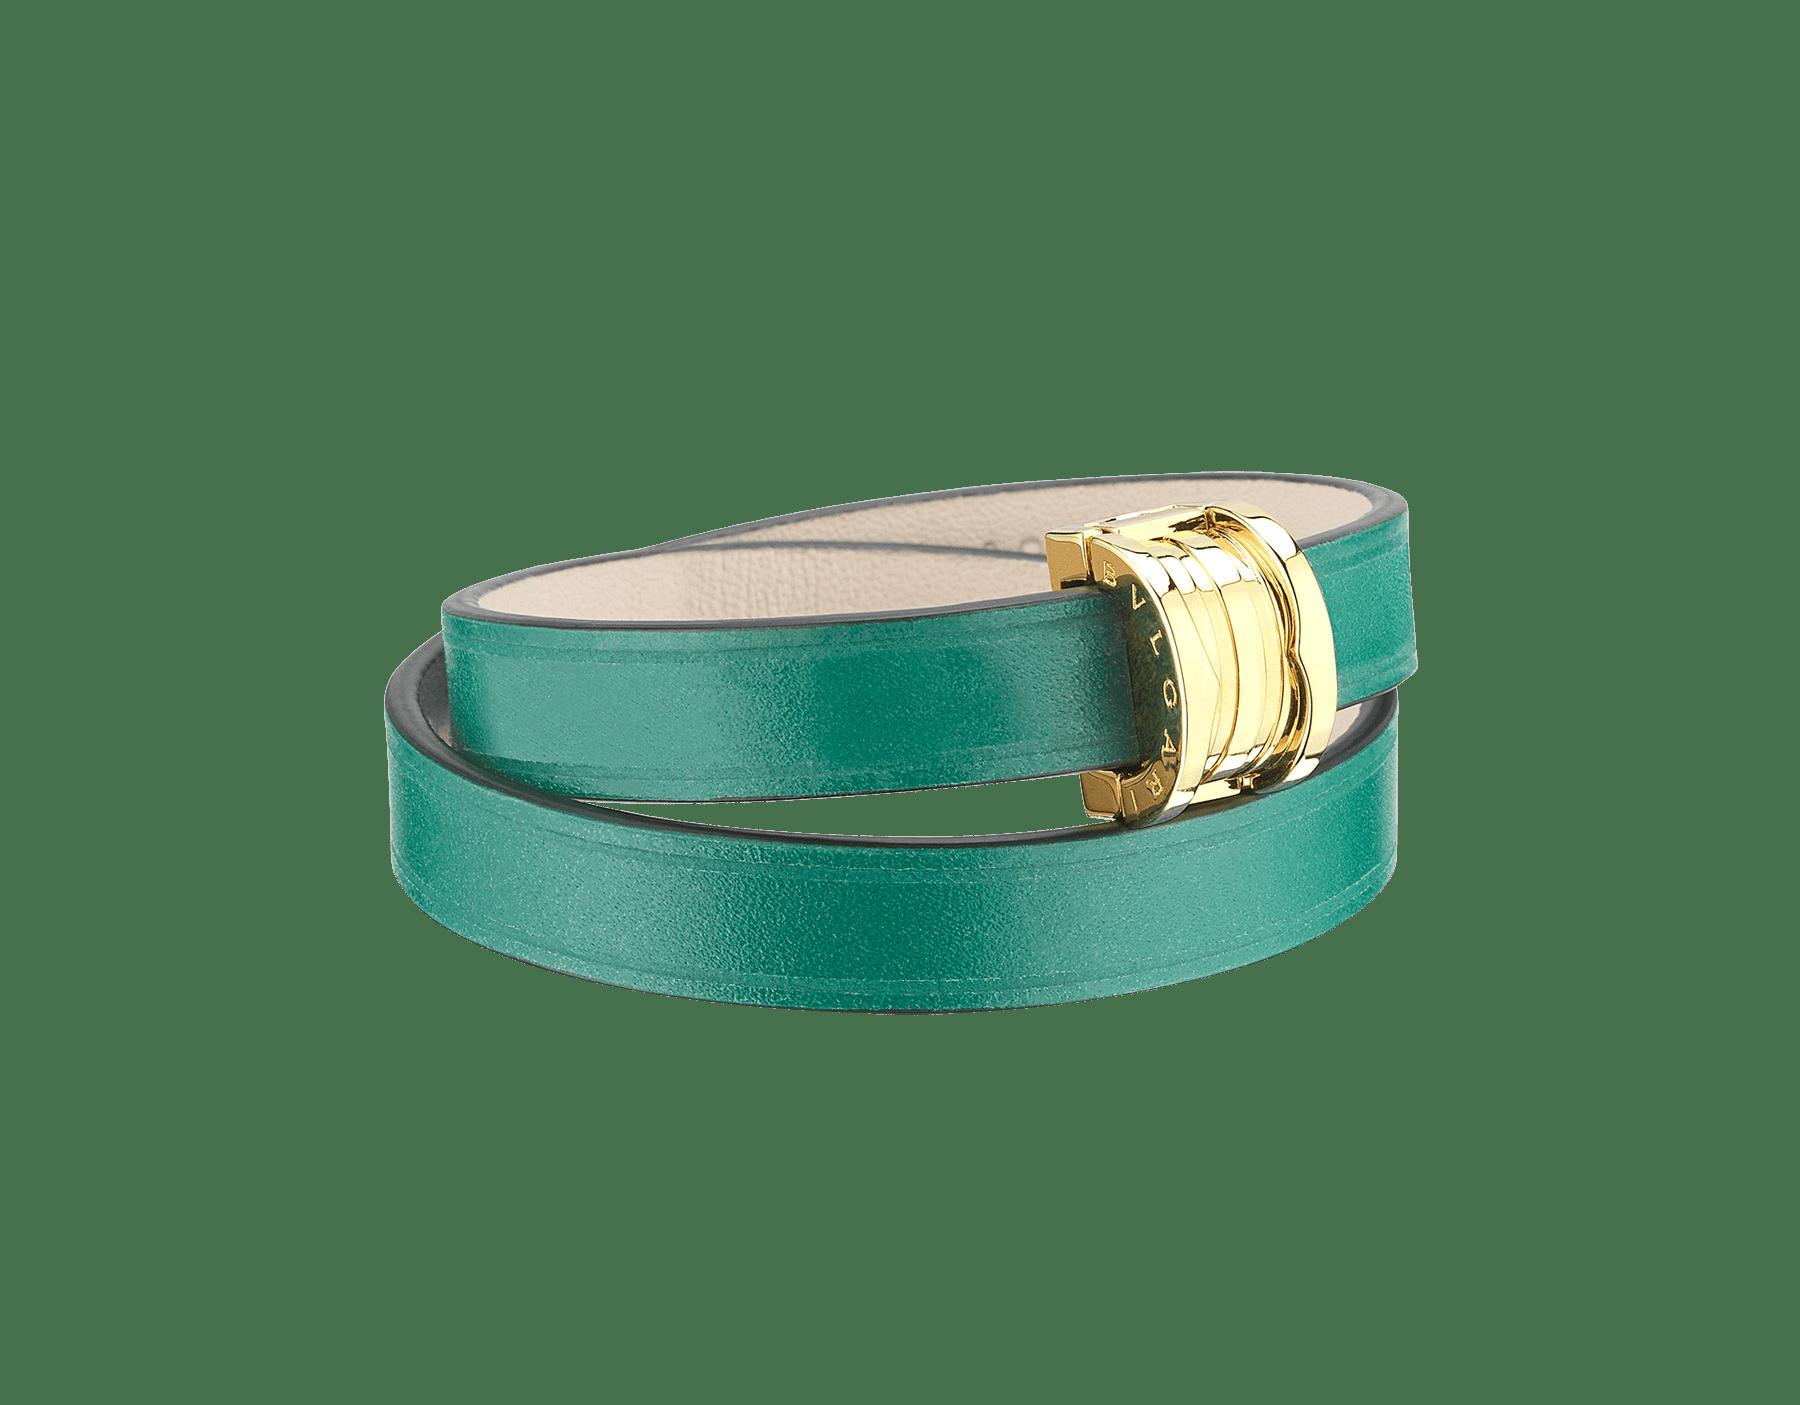 Doppelt geschwungenes BVLGARI BVLGARI Armband aus smaragdgrünem Kalbsleder mit BVLGARI BVLGARI Schnappverschluss aus hell vergoldetem Messing. BZERO1-CL-EG image 1